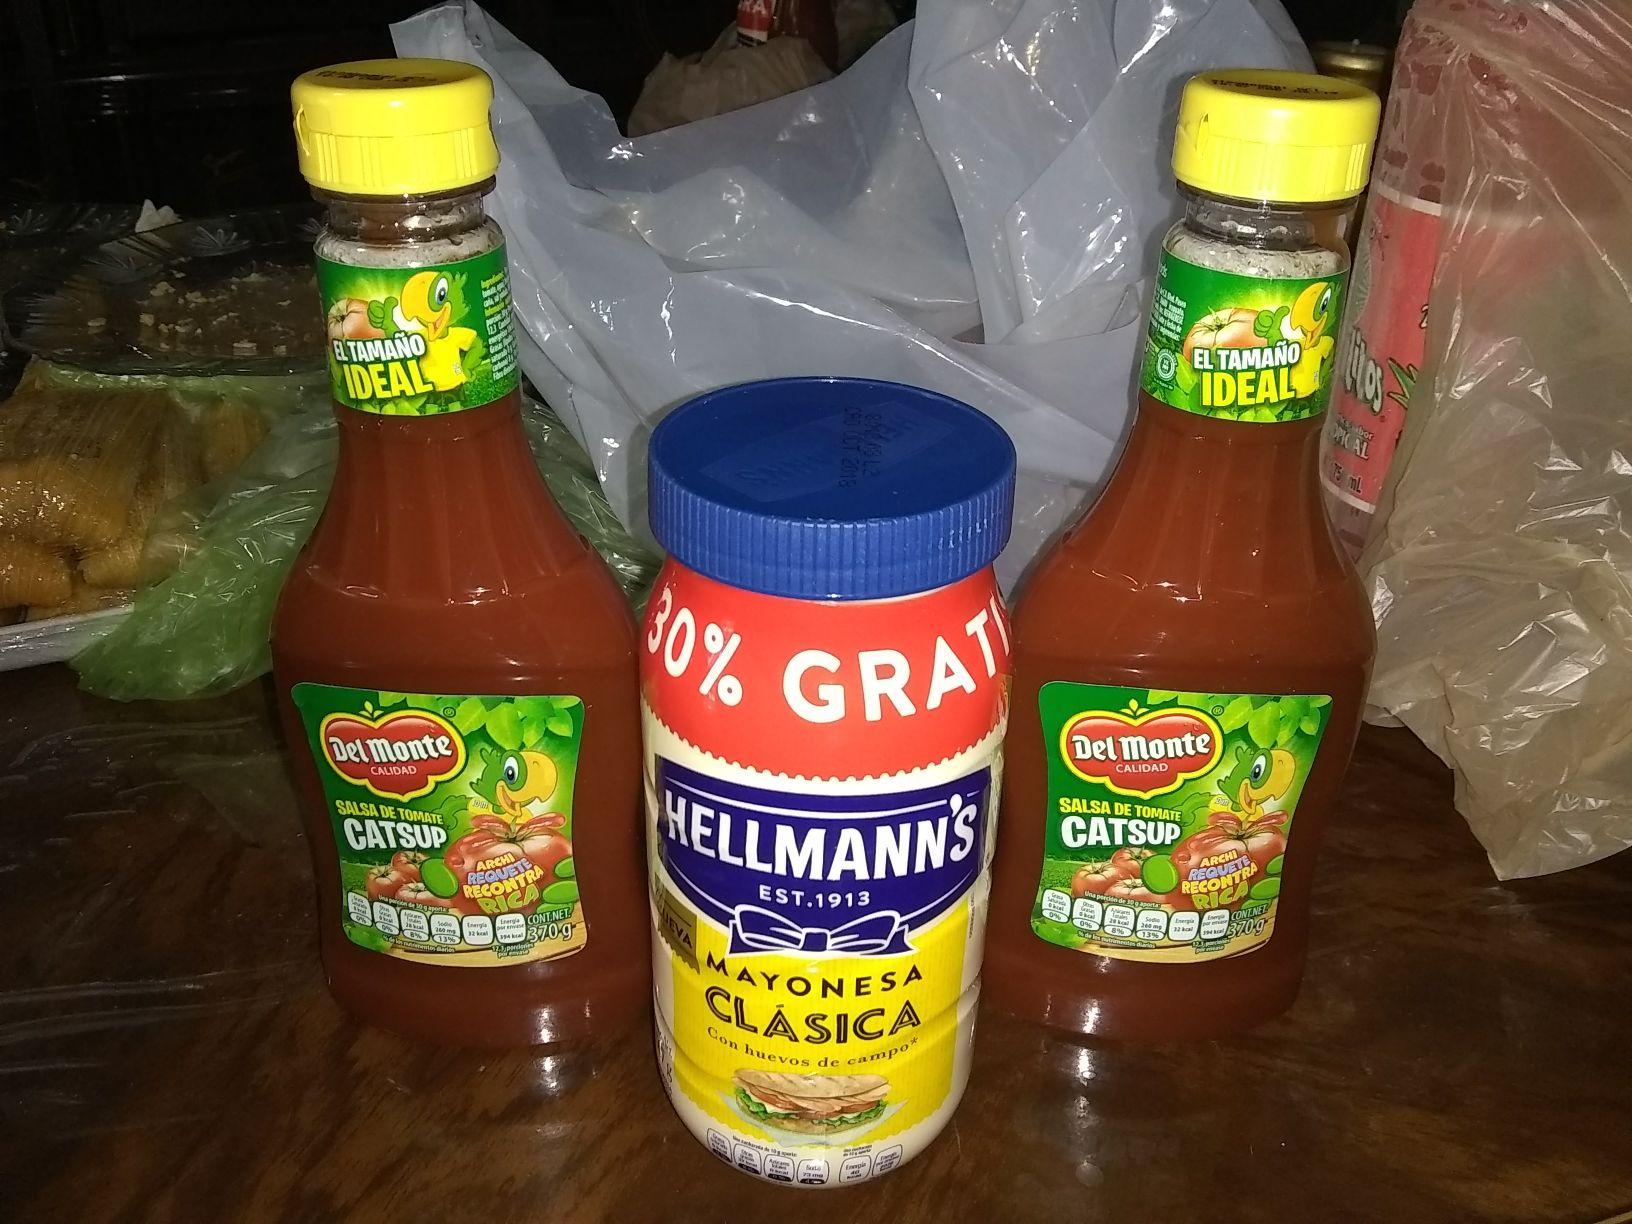 Soriana: Compra Mayonesa Hellmann's de 507g y llévate gratis 2 Catsup del Monte de 370g c/u